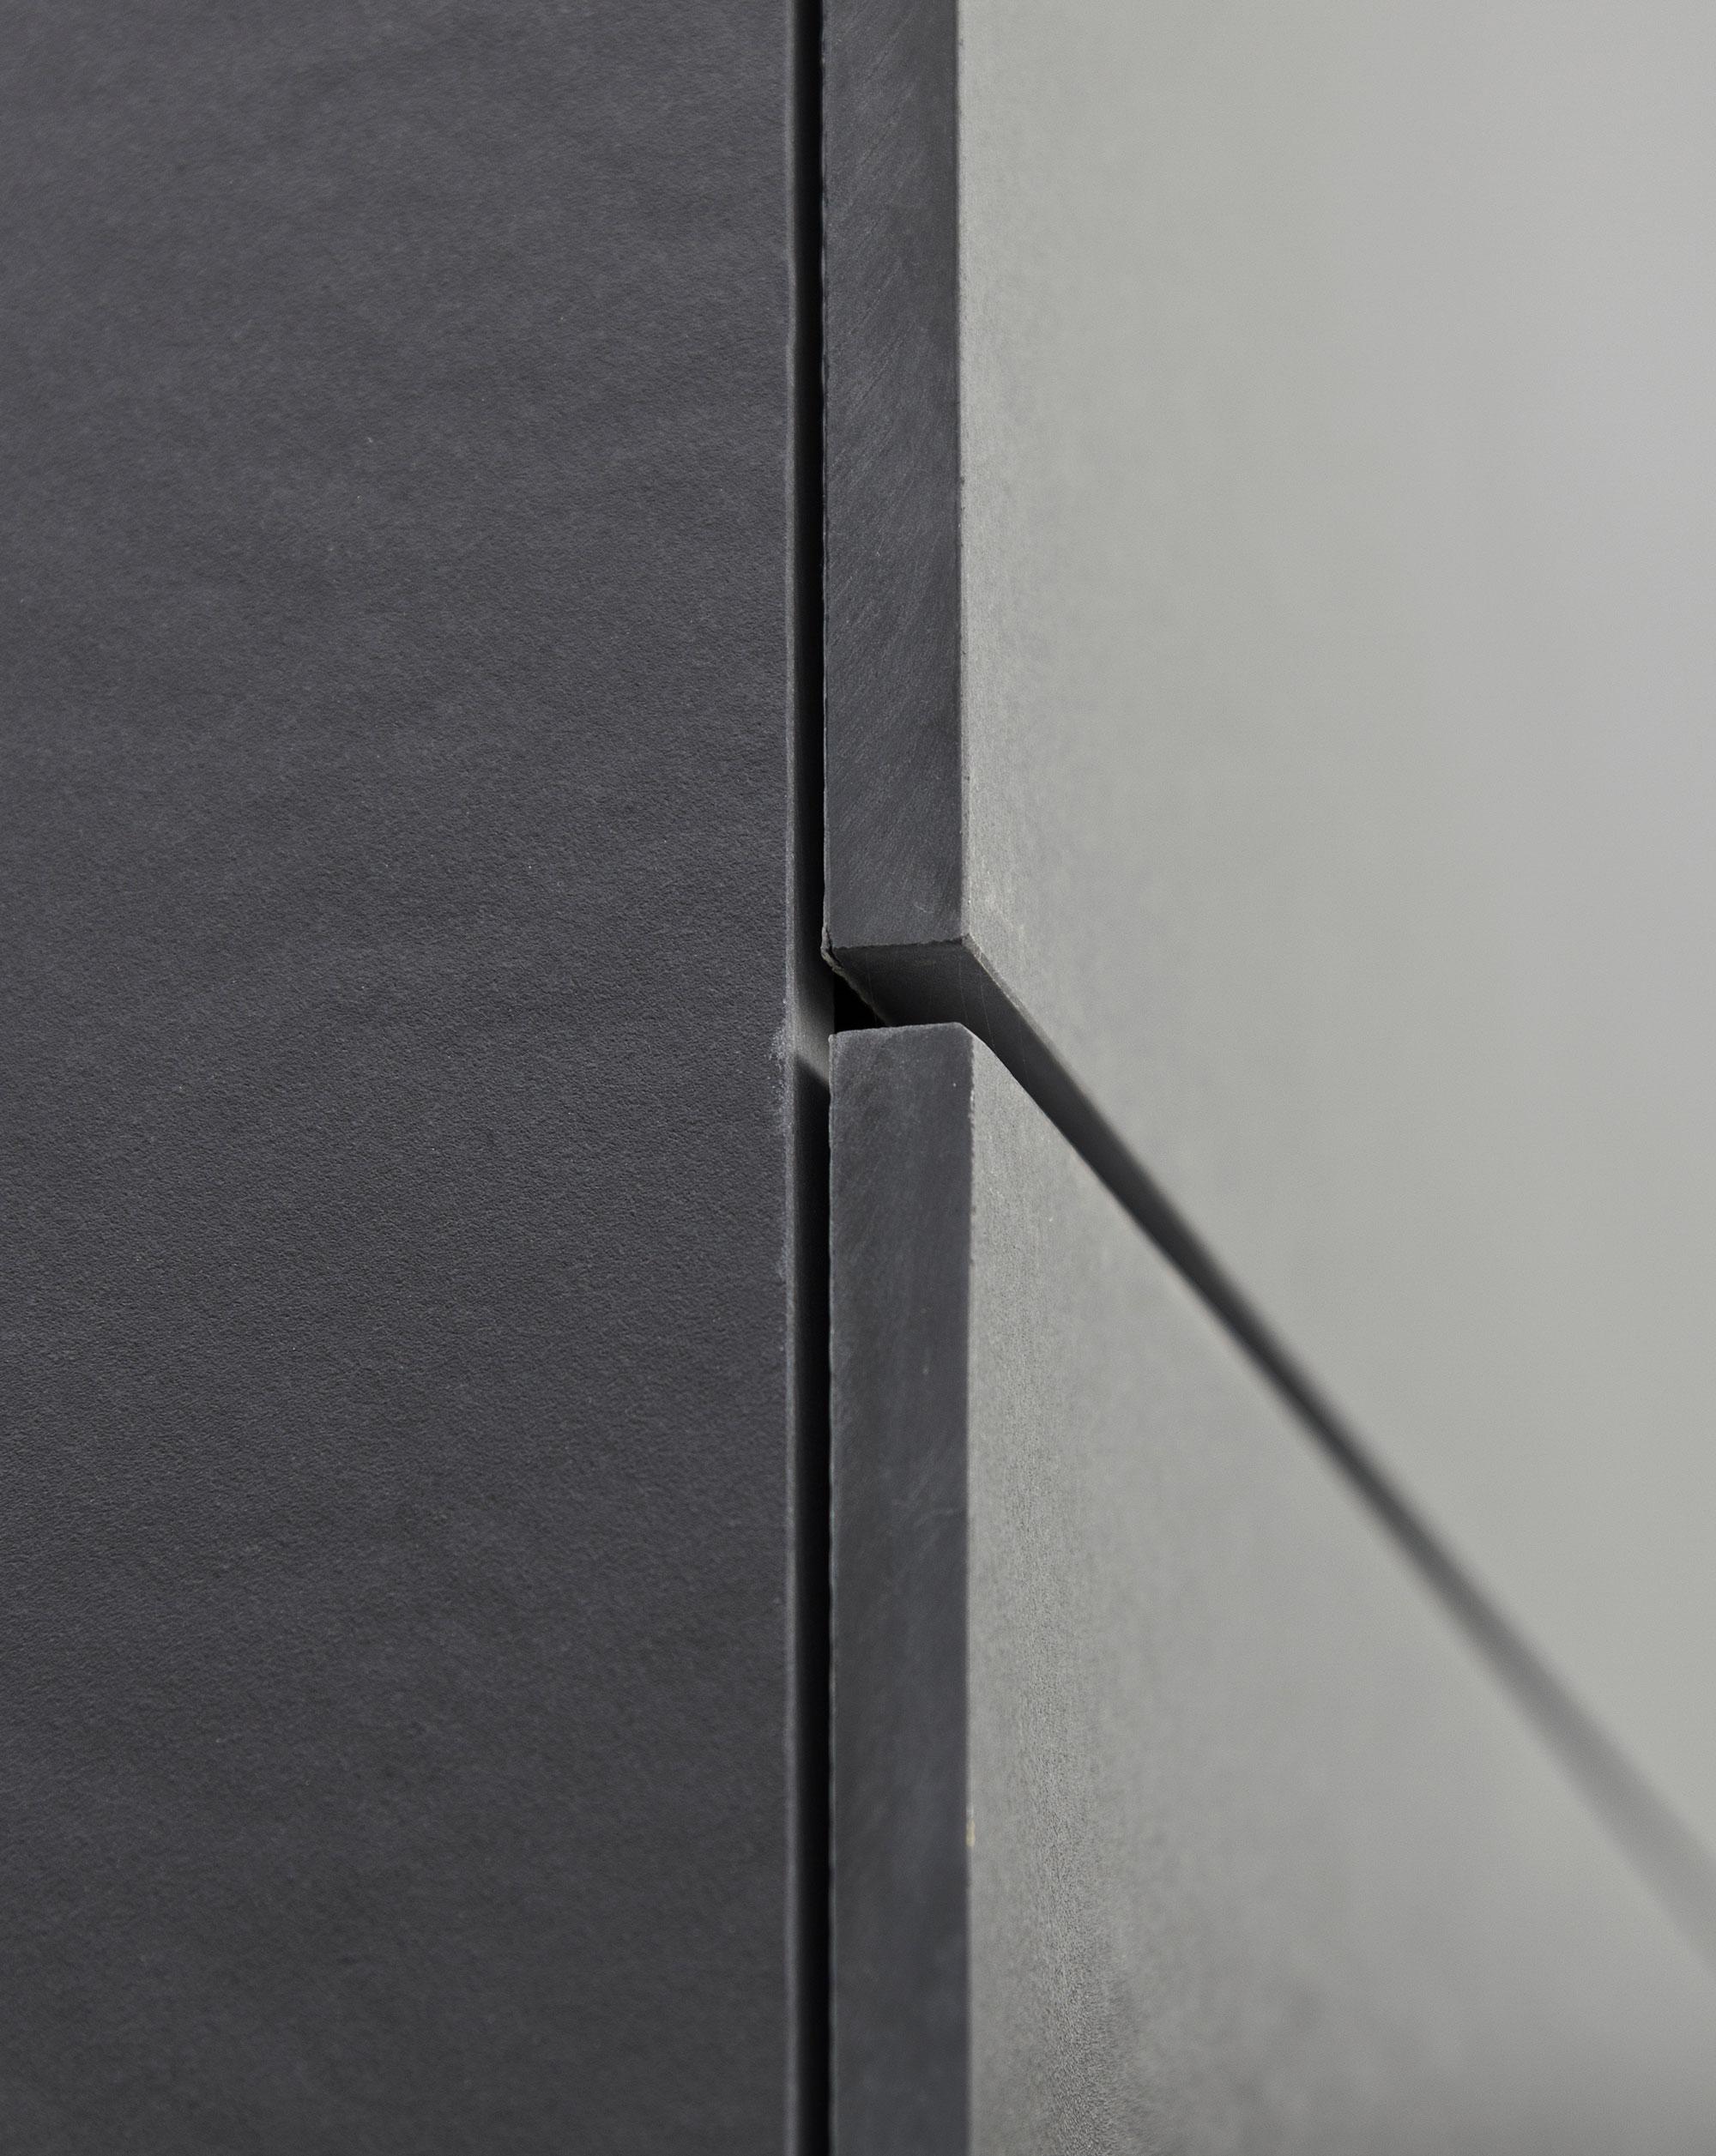 Arteixo Residential  - Arteixo Dekton facade 3 48